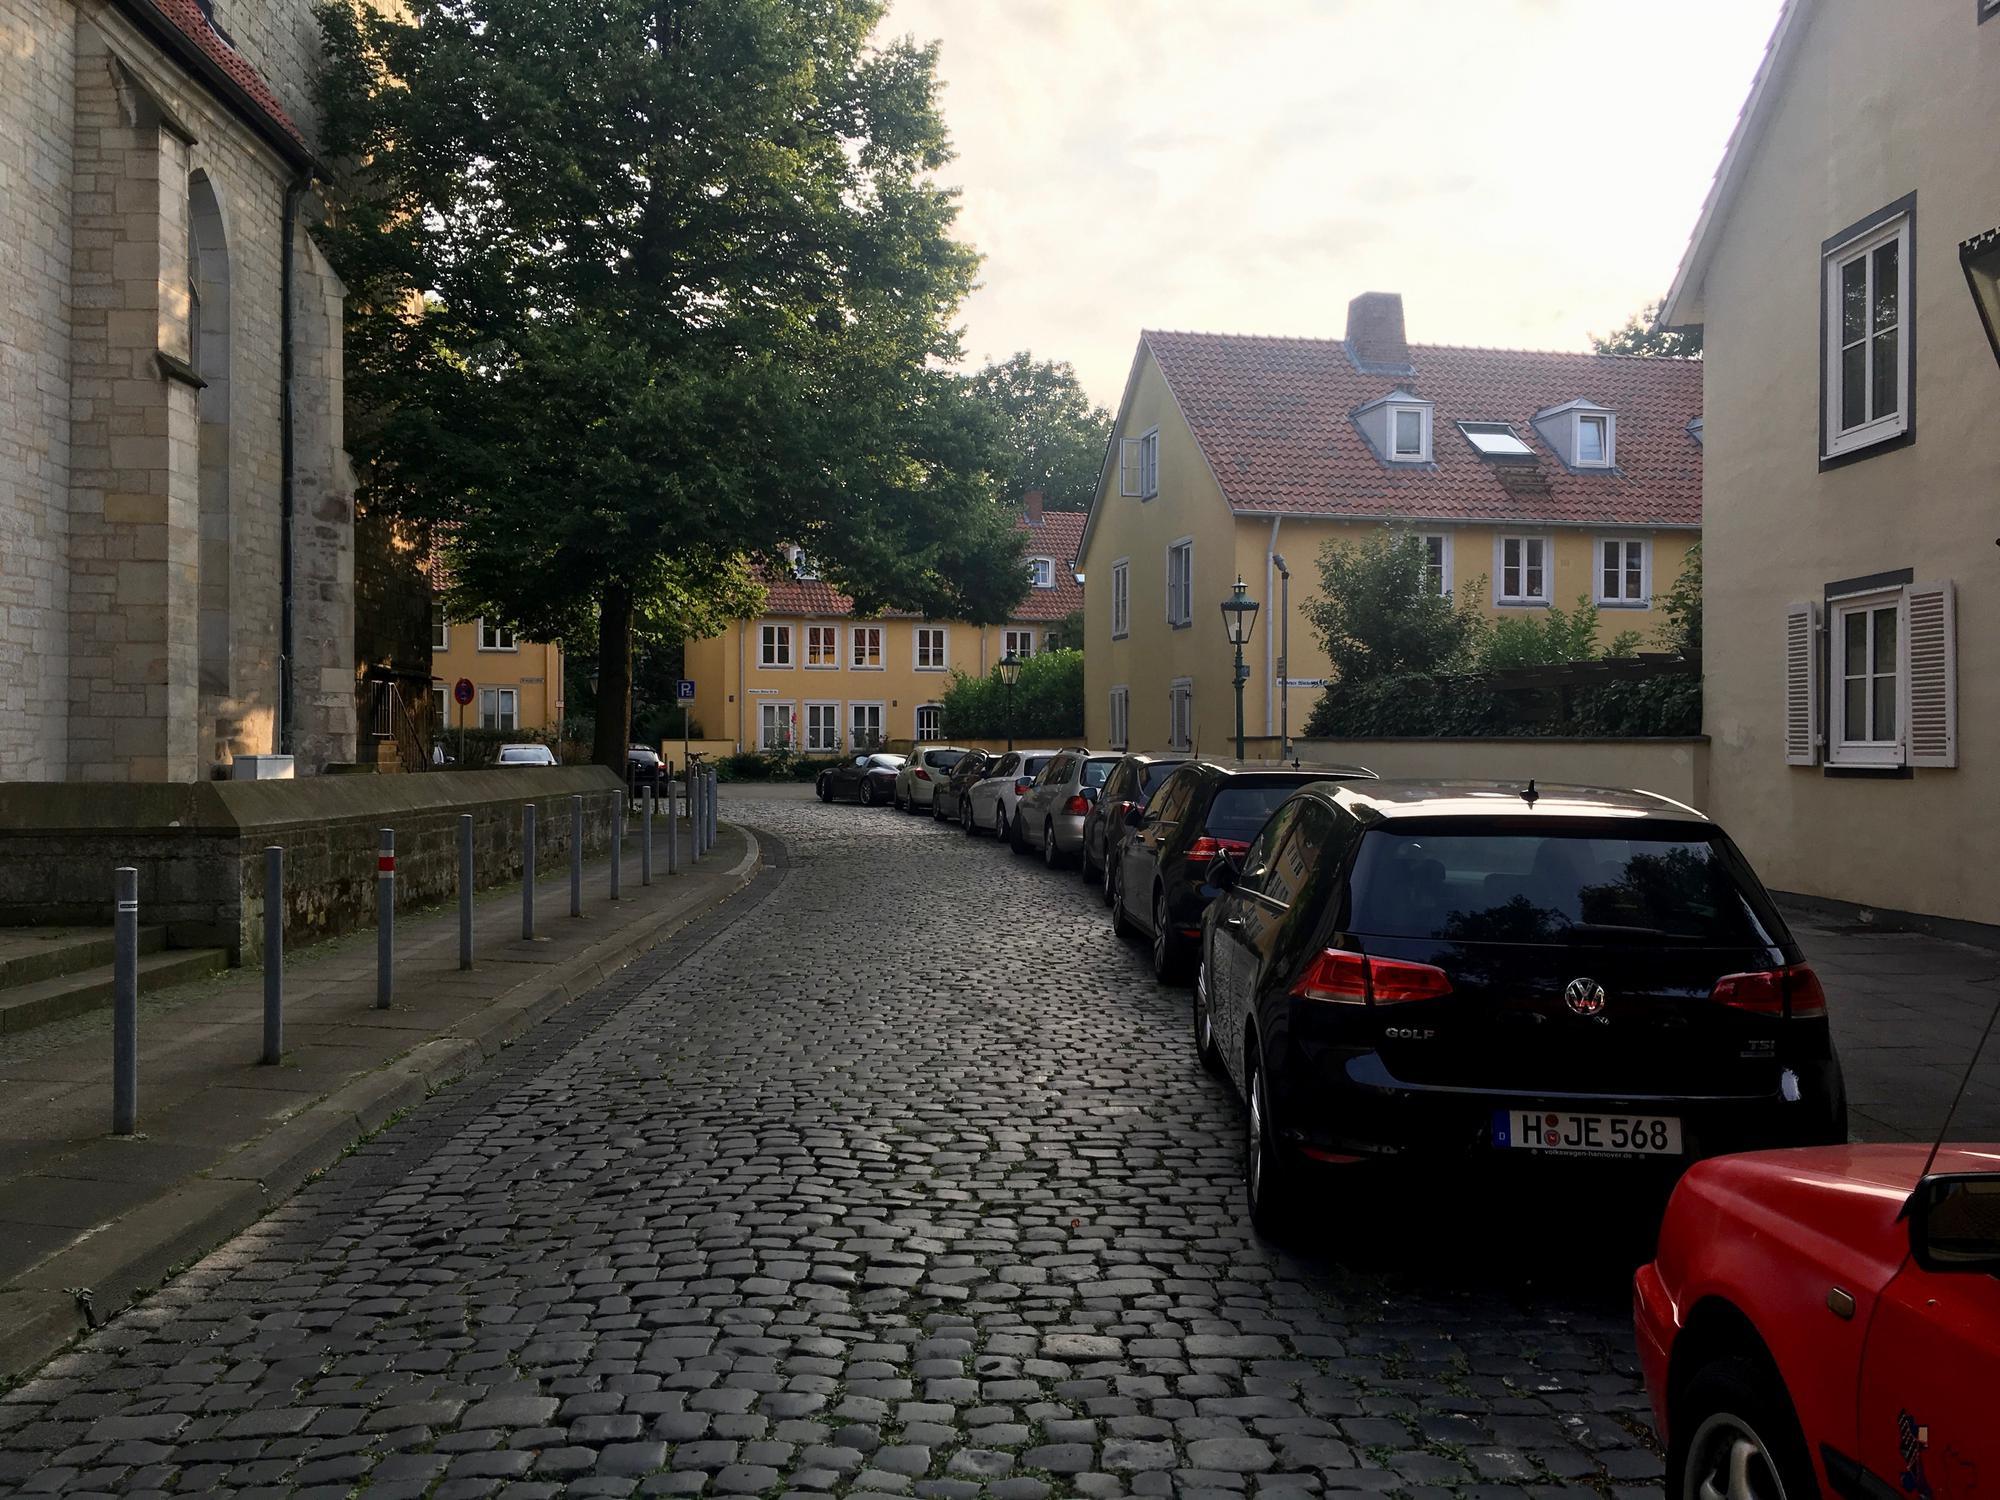 🇩🇪 Ганновер, Германия, июль 2017.